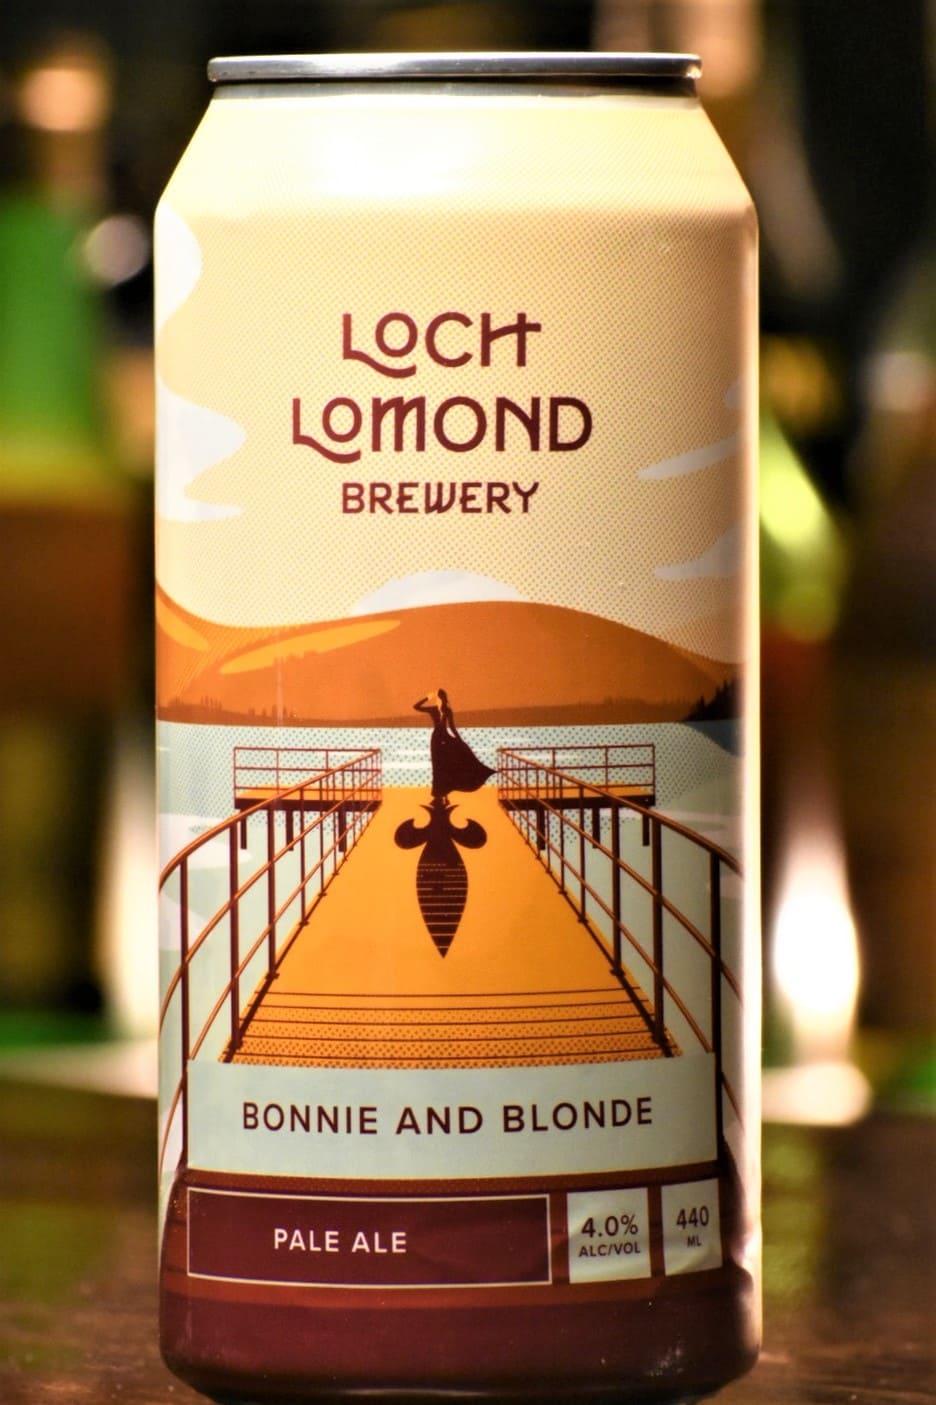 限定 ロッホローモンド ブルワリー ボニー&ブロンド セッションペールエール 4缶セット